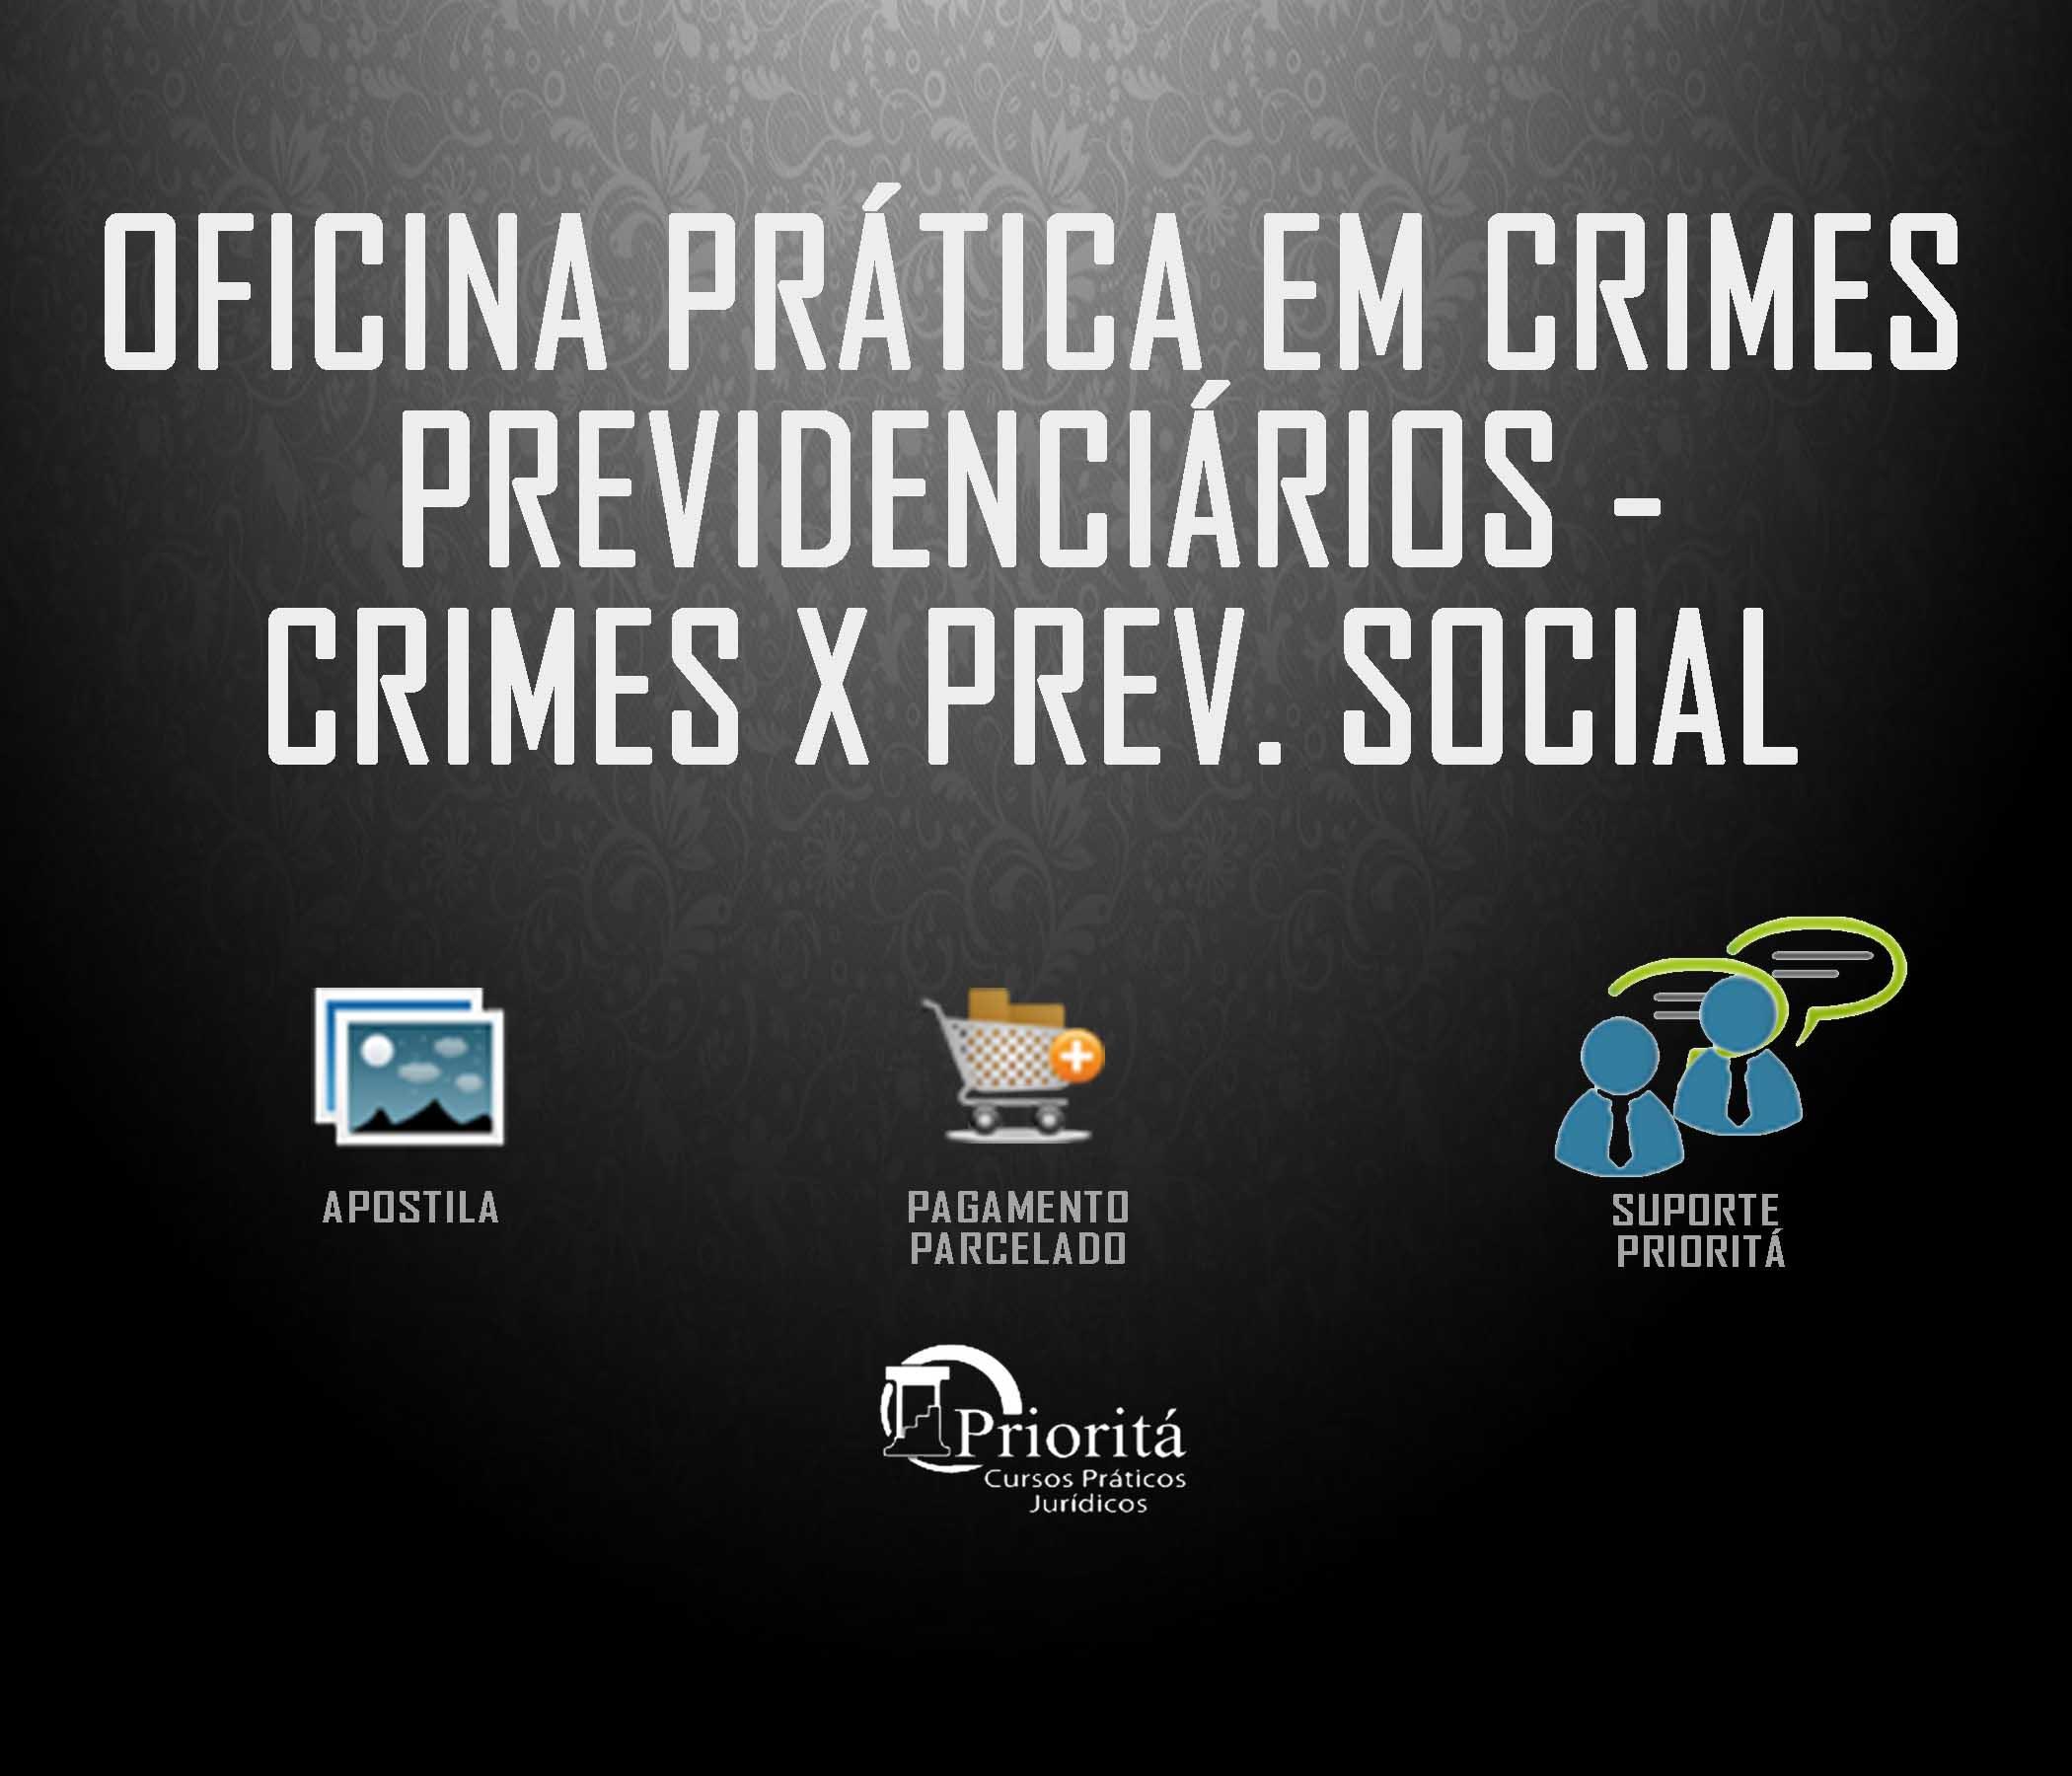 CRIMES PREVIDENCIARIOS